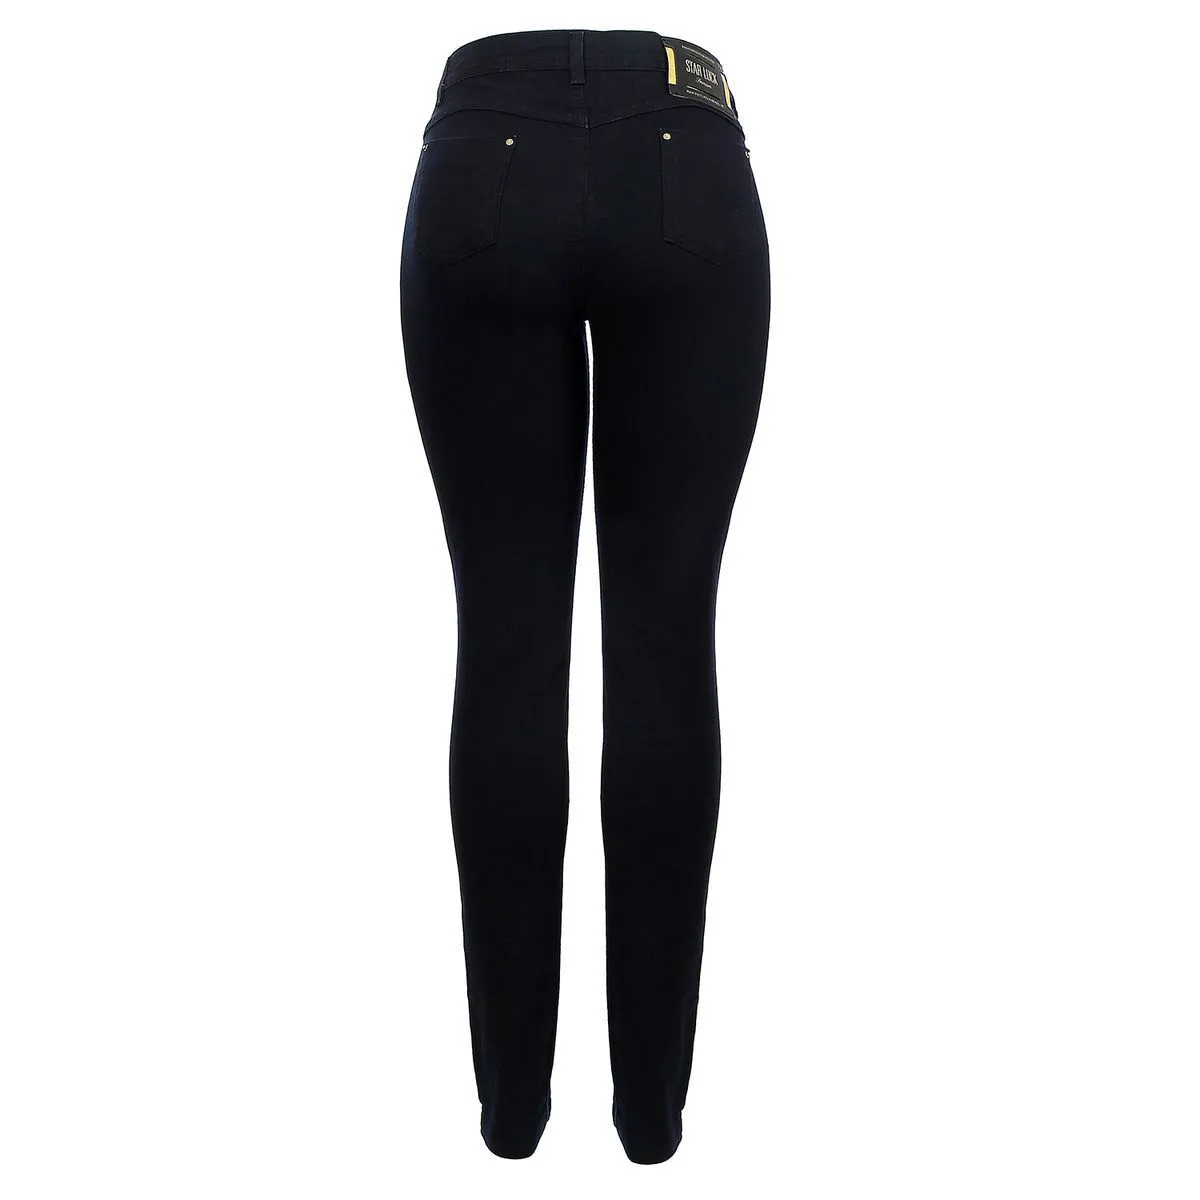 Calça Jeans Star Luck Skinny Destroyd Preta